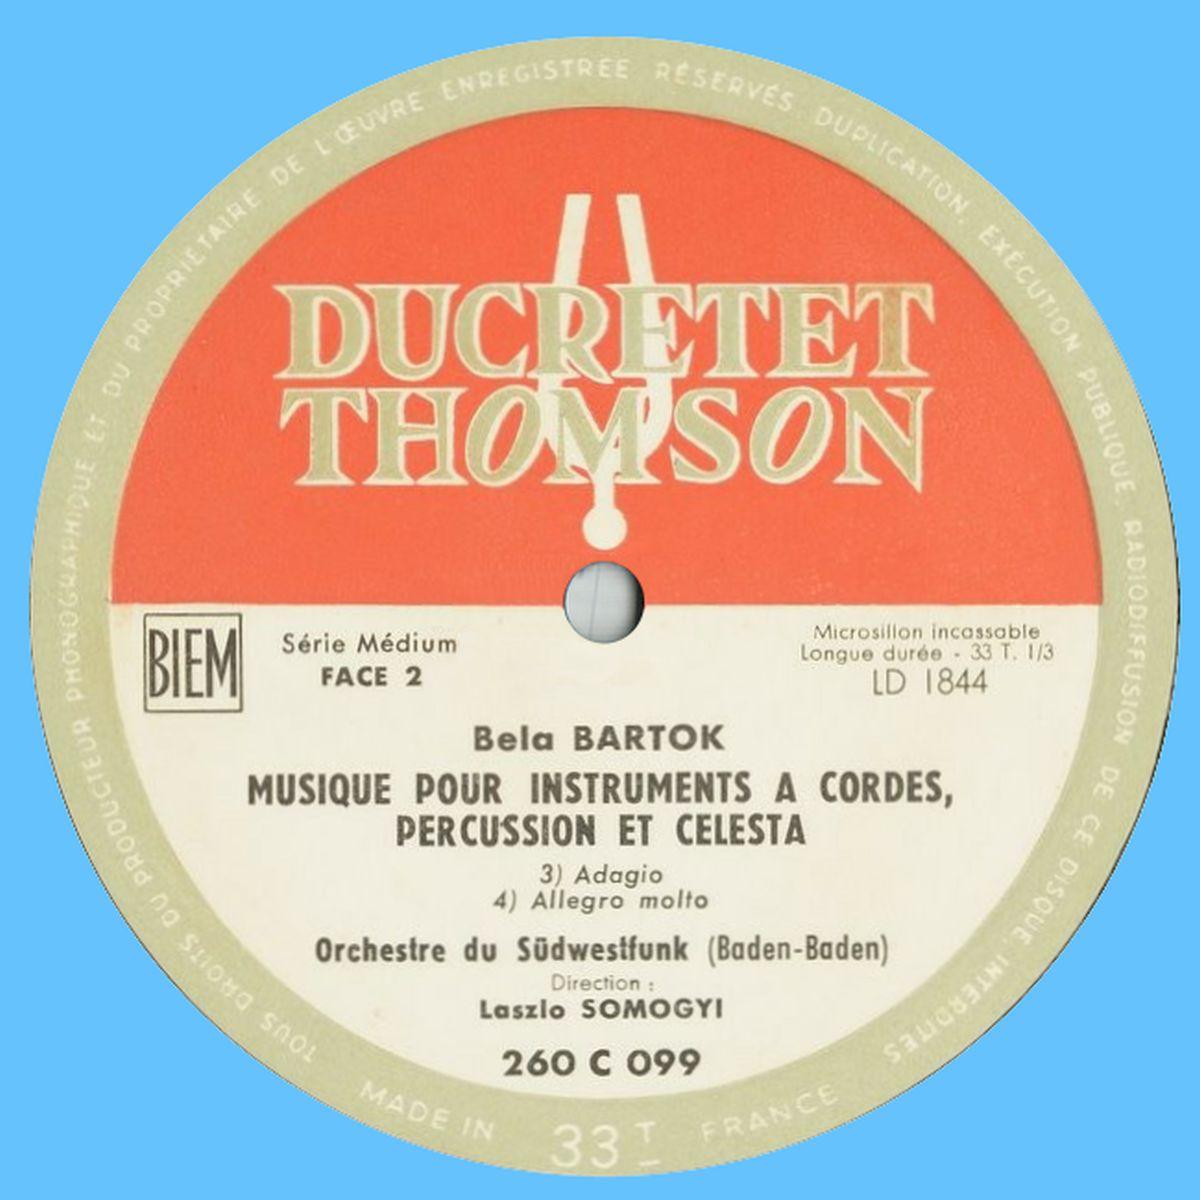 DT 260 C 099 Label 2 65C2FC